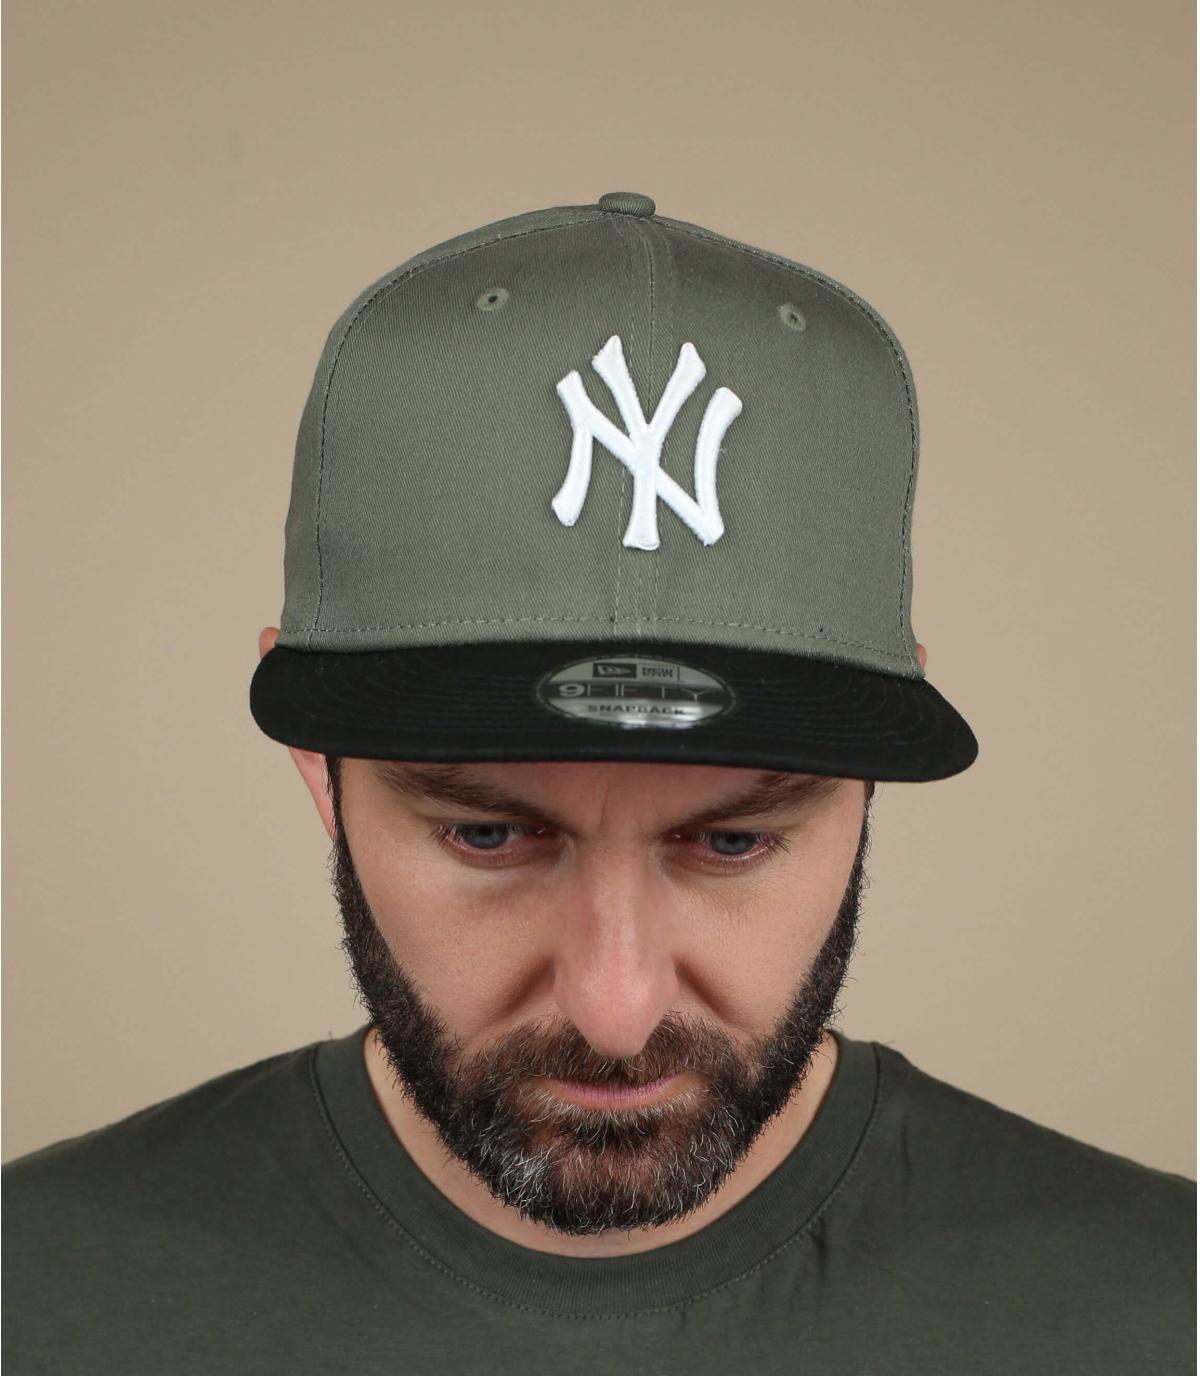 NY groene snapback